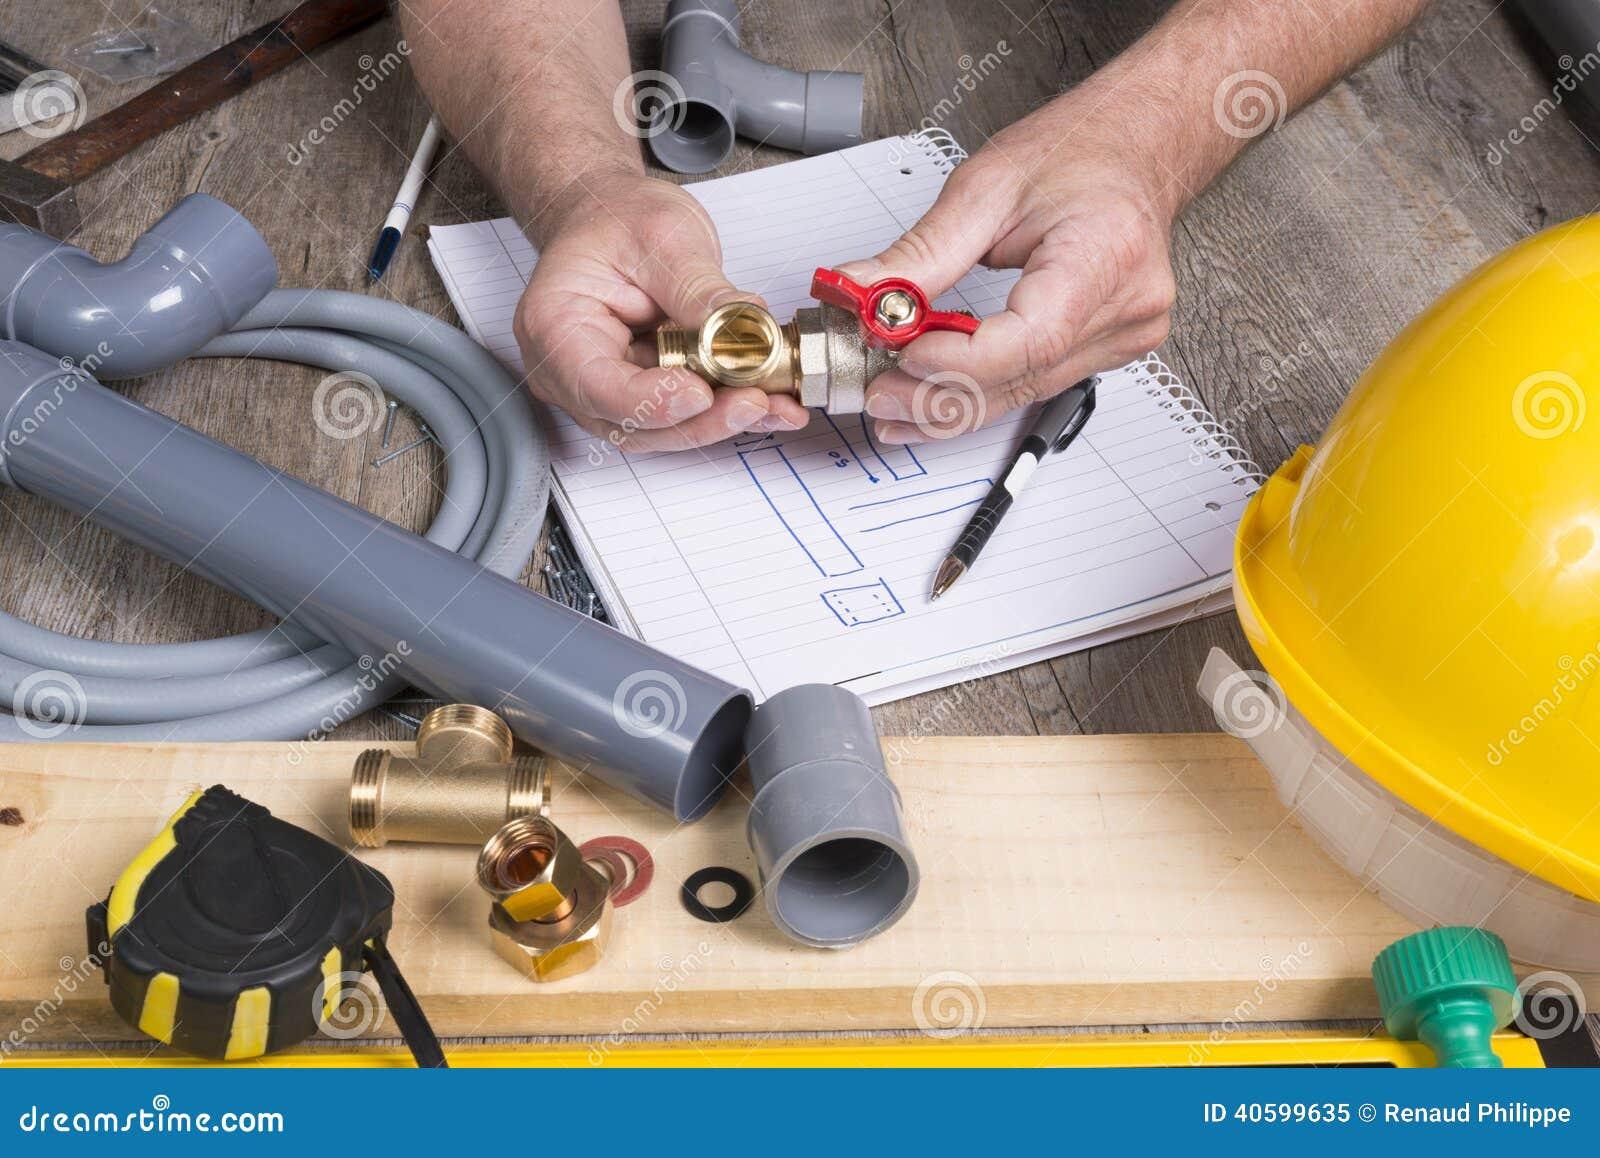 Fai da te dell 39 impianto idraulico con differenti strumenti for Realizzare impianto idraulico fai da te